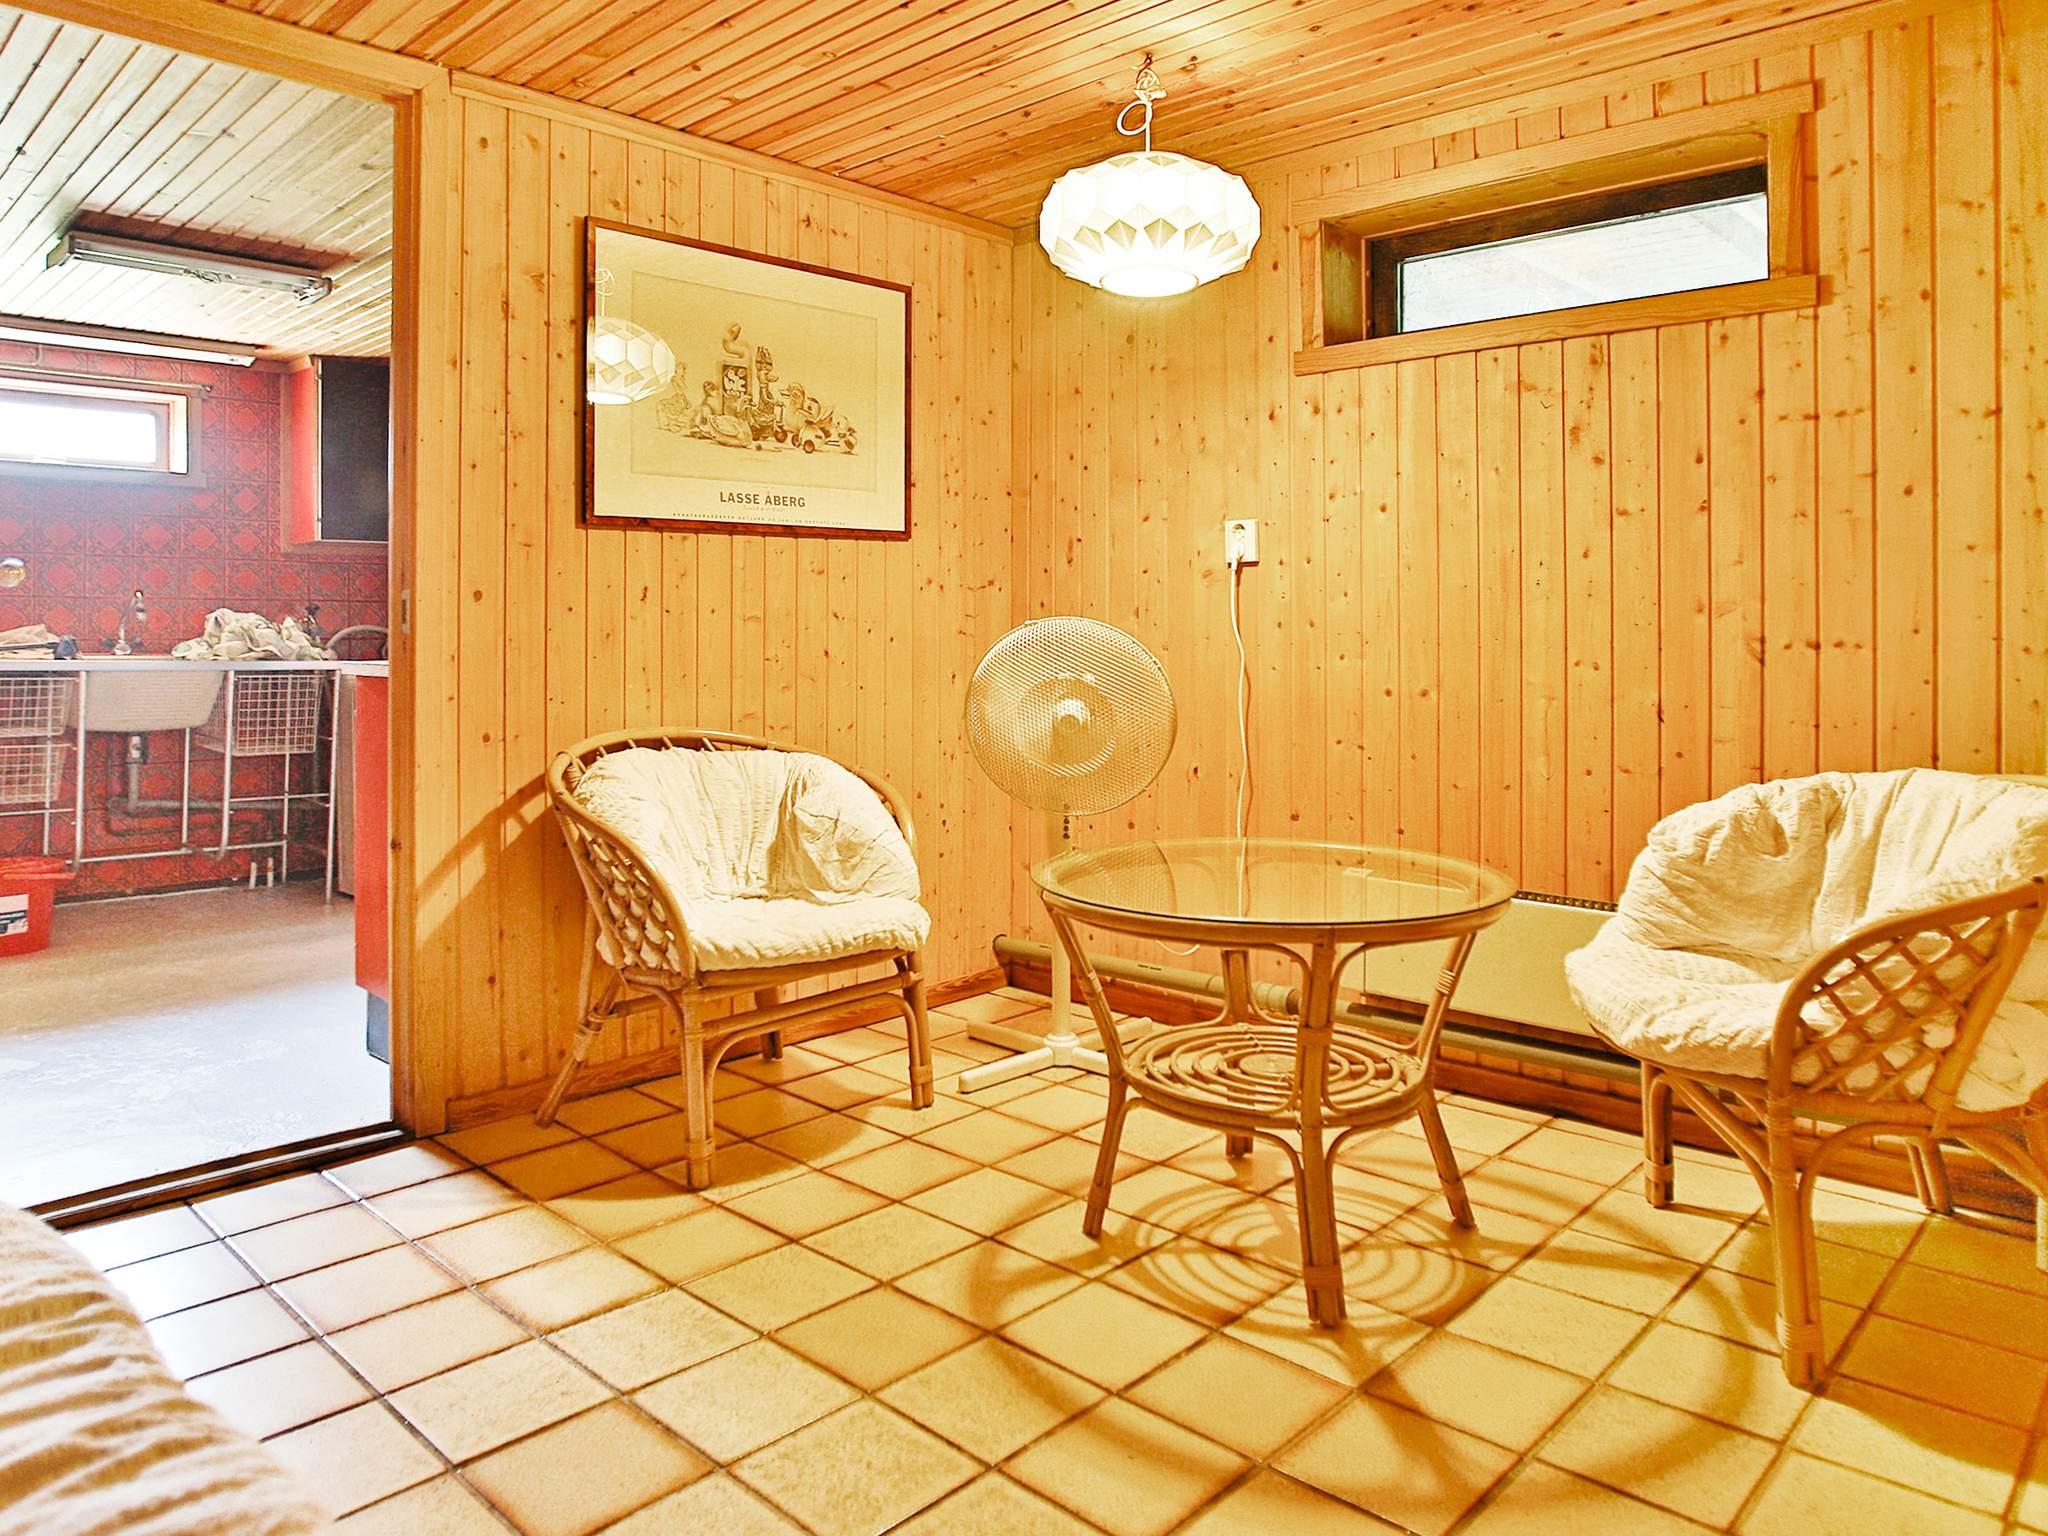 Ferienhaus Orust/Svanesund (672422), Orust, Västra Götaland län, Westschweden, Schweden, Bild 13